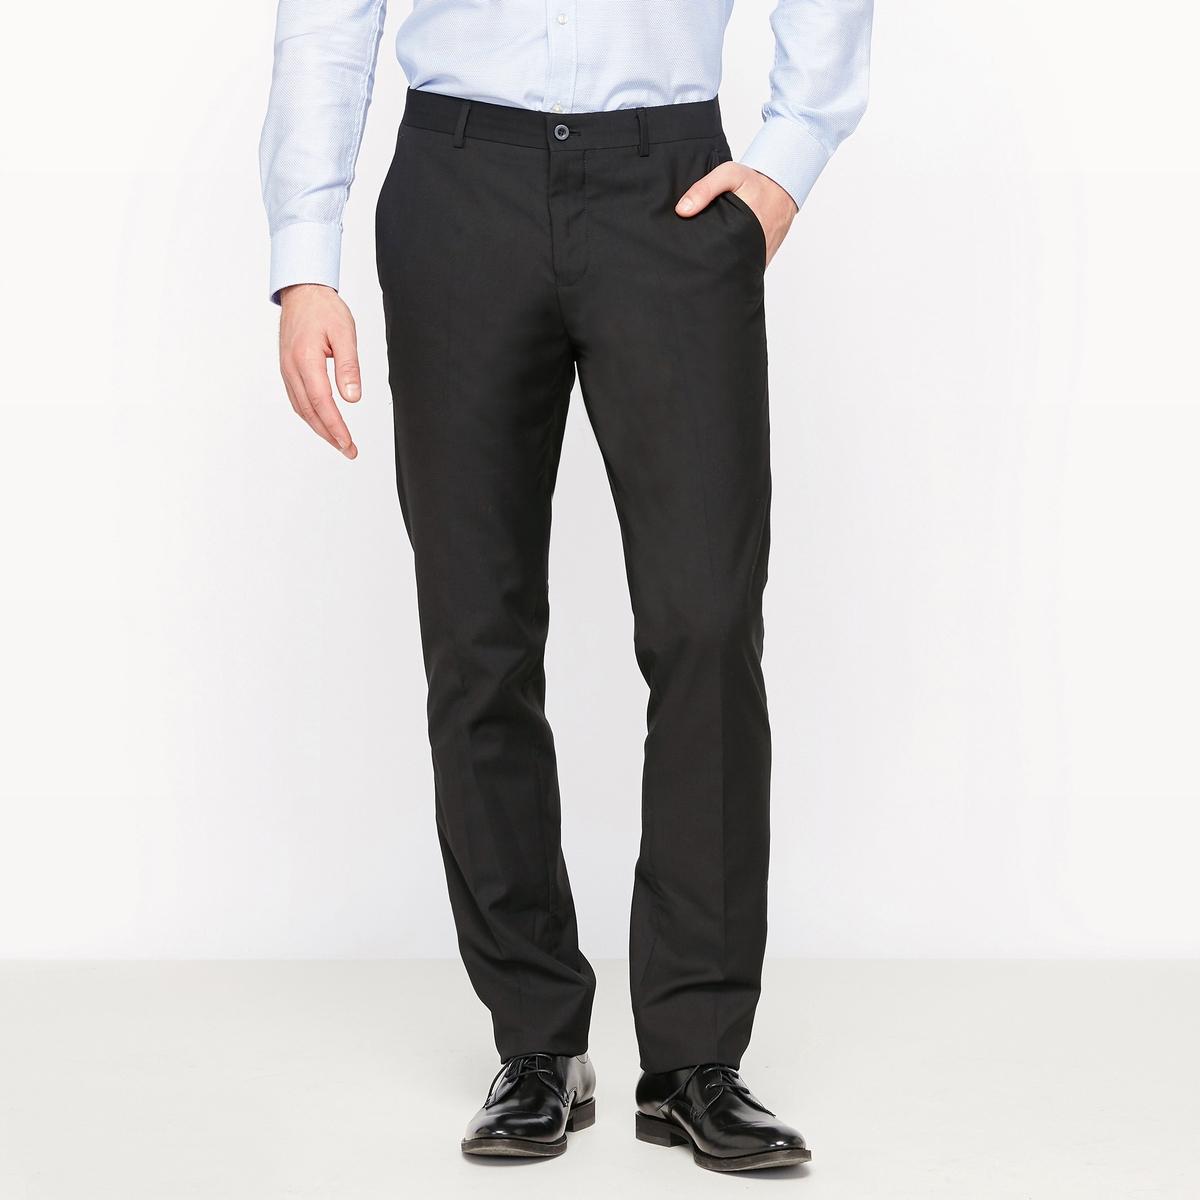 Брюки костюмные прямого покрояБрюки костюмные. Прямой покрой. 2 боковых кармана, 2 прорезных кармана сзади. Шлевки для ремня. Застёжка на молнию и пуговицу.Состав и описаниеМатериалы : 80% полиэстера, 20% вискозы Длина по внутр.шву : 85 см - Ширина по низу: 19,5 смМарка :      R ?ditionУходРекомендуется сухая чистка<br><br>Цвет: черный<br>Размер: 44 (FR) - 50 (RUS).38 (FR) - 44 (RUS).40 (FR) - 46 (RUS).42 (FR) - 48 (RUS)